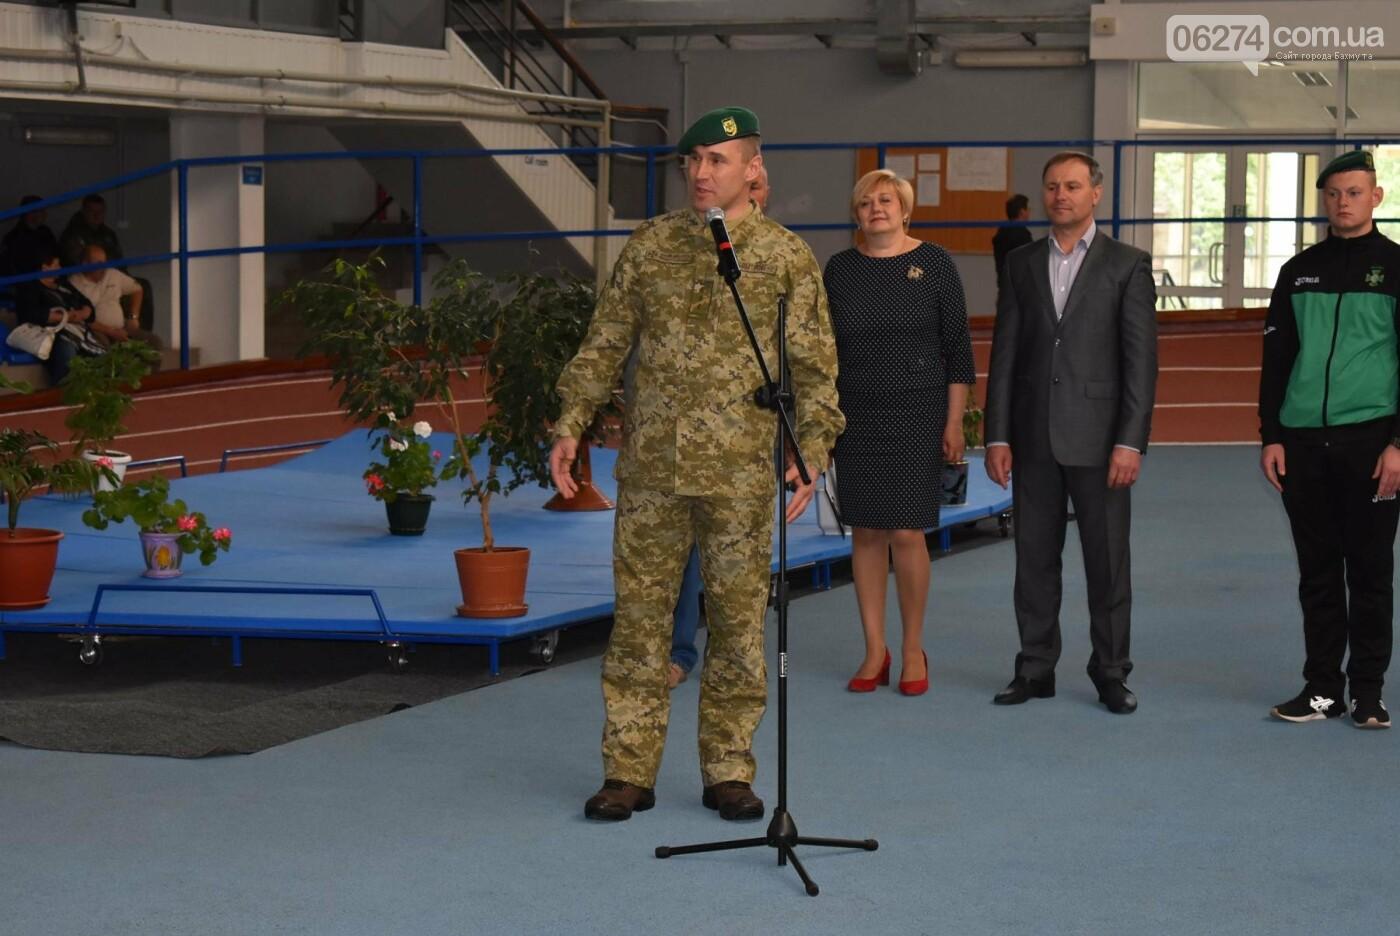 В Бахмуте презентовали спортсменов-олимпийцев Государственной пограничной службы Украины, фото-3